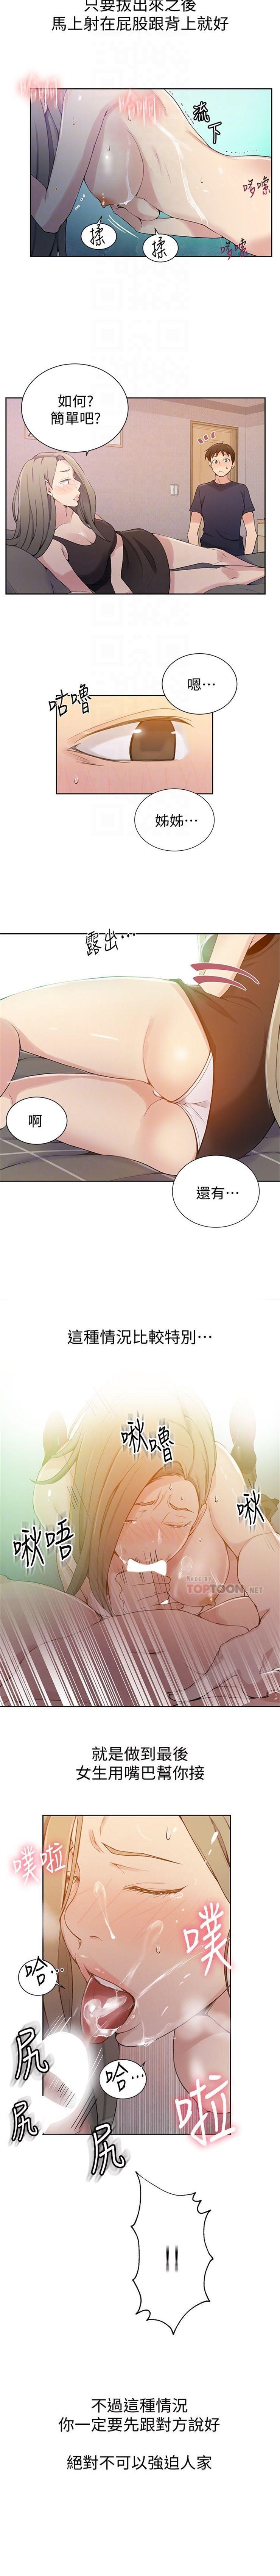 秘密教學  1-55 官方中文(連載中) 173